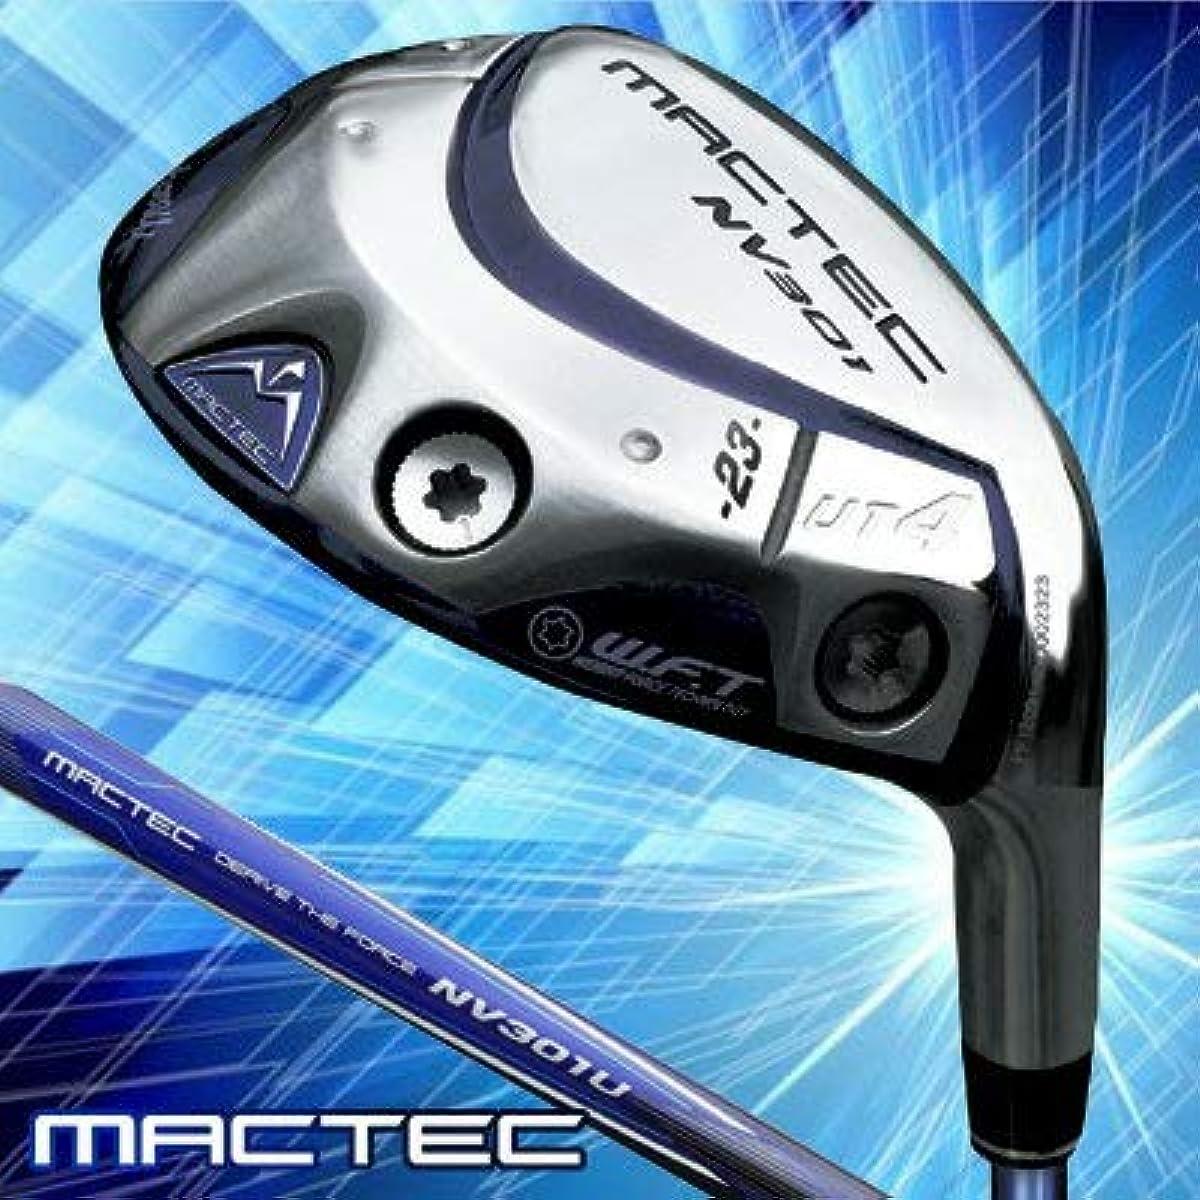 [해외] MACTEC(맥텍) 마쿠레가 NV301 유틸리티 MACTEC NV301U 카본 샤프트 맨즈 골프 클럽 오른손잡이용